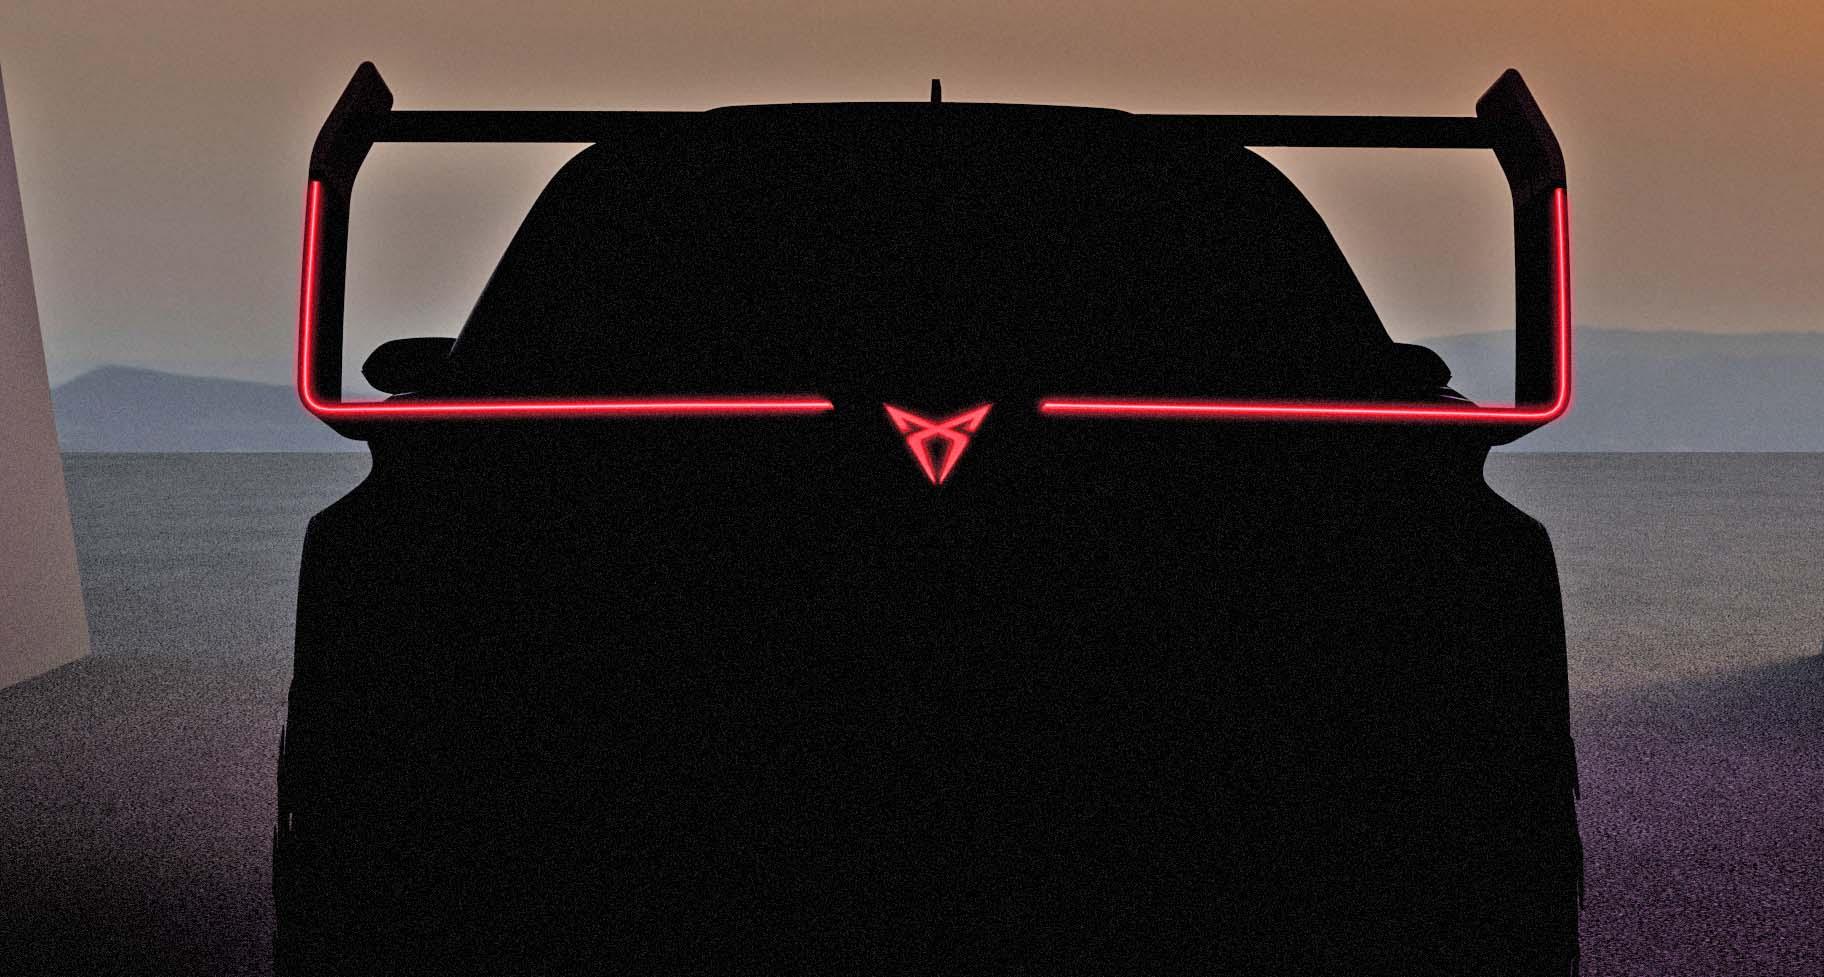 كوبرا اوربن ريبيل 2025 النموذجية الجديدة بالكامل – الرؤية الاسبانية لمستقبل السيارات الرياضية الكهربائية